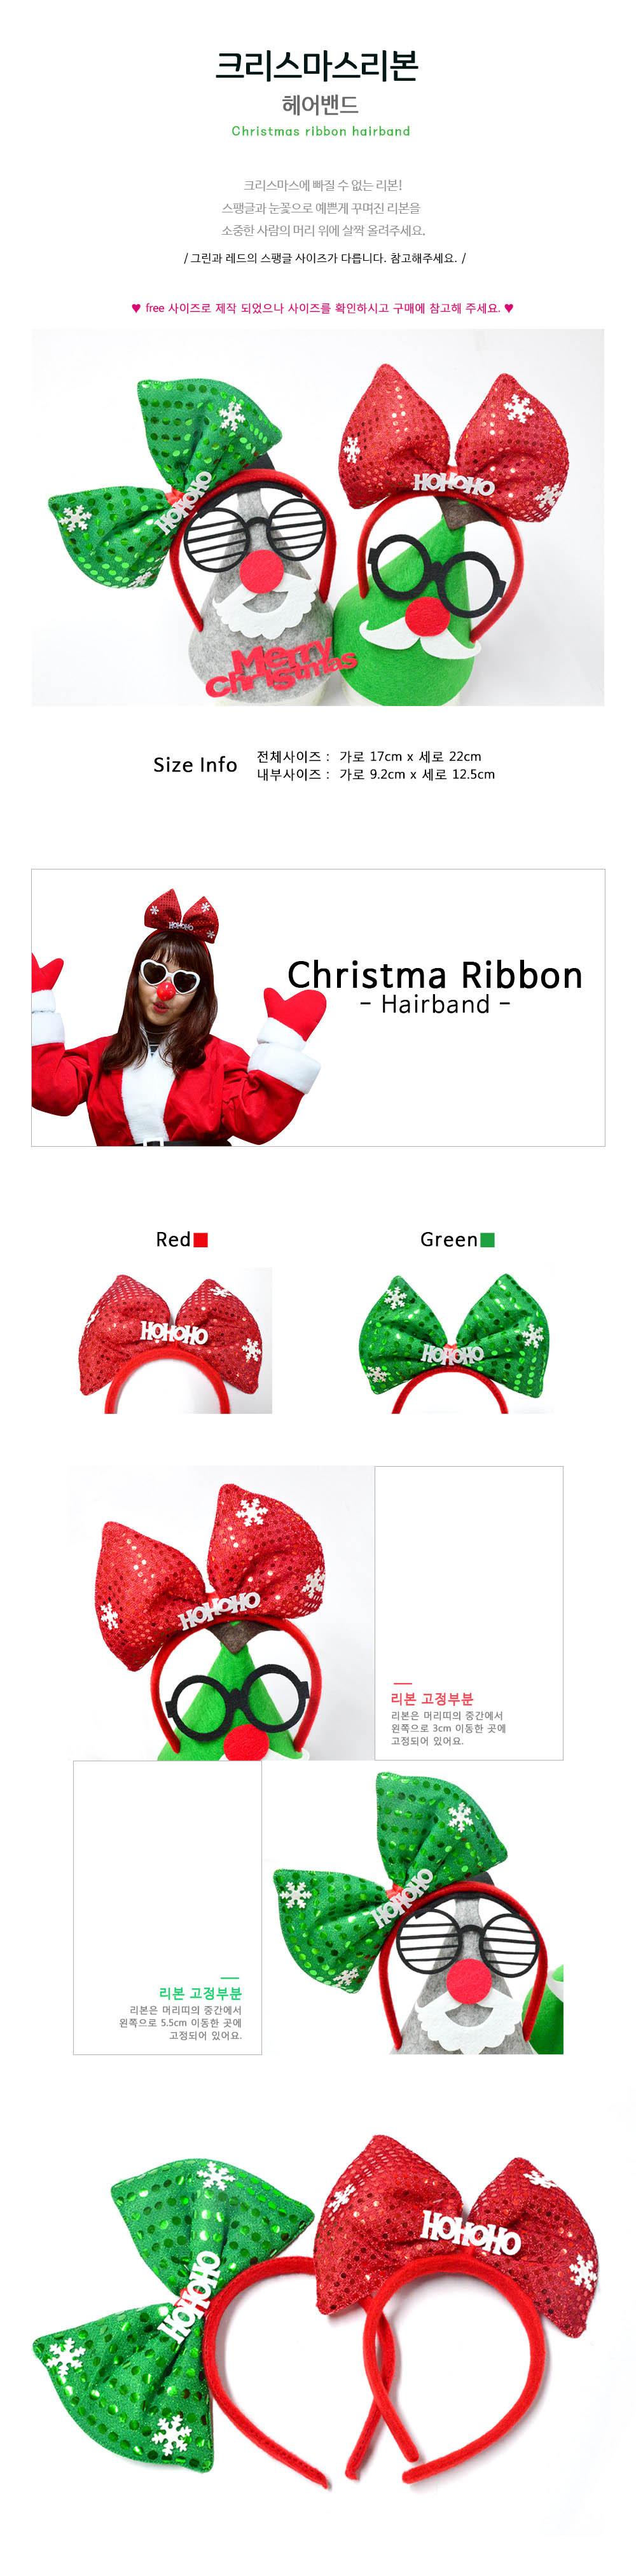 크리스마스리본 헤어밴드 - 파티클럽, 1,700원, 파티용품, 할로윈 파티